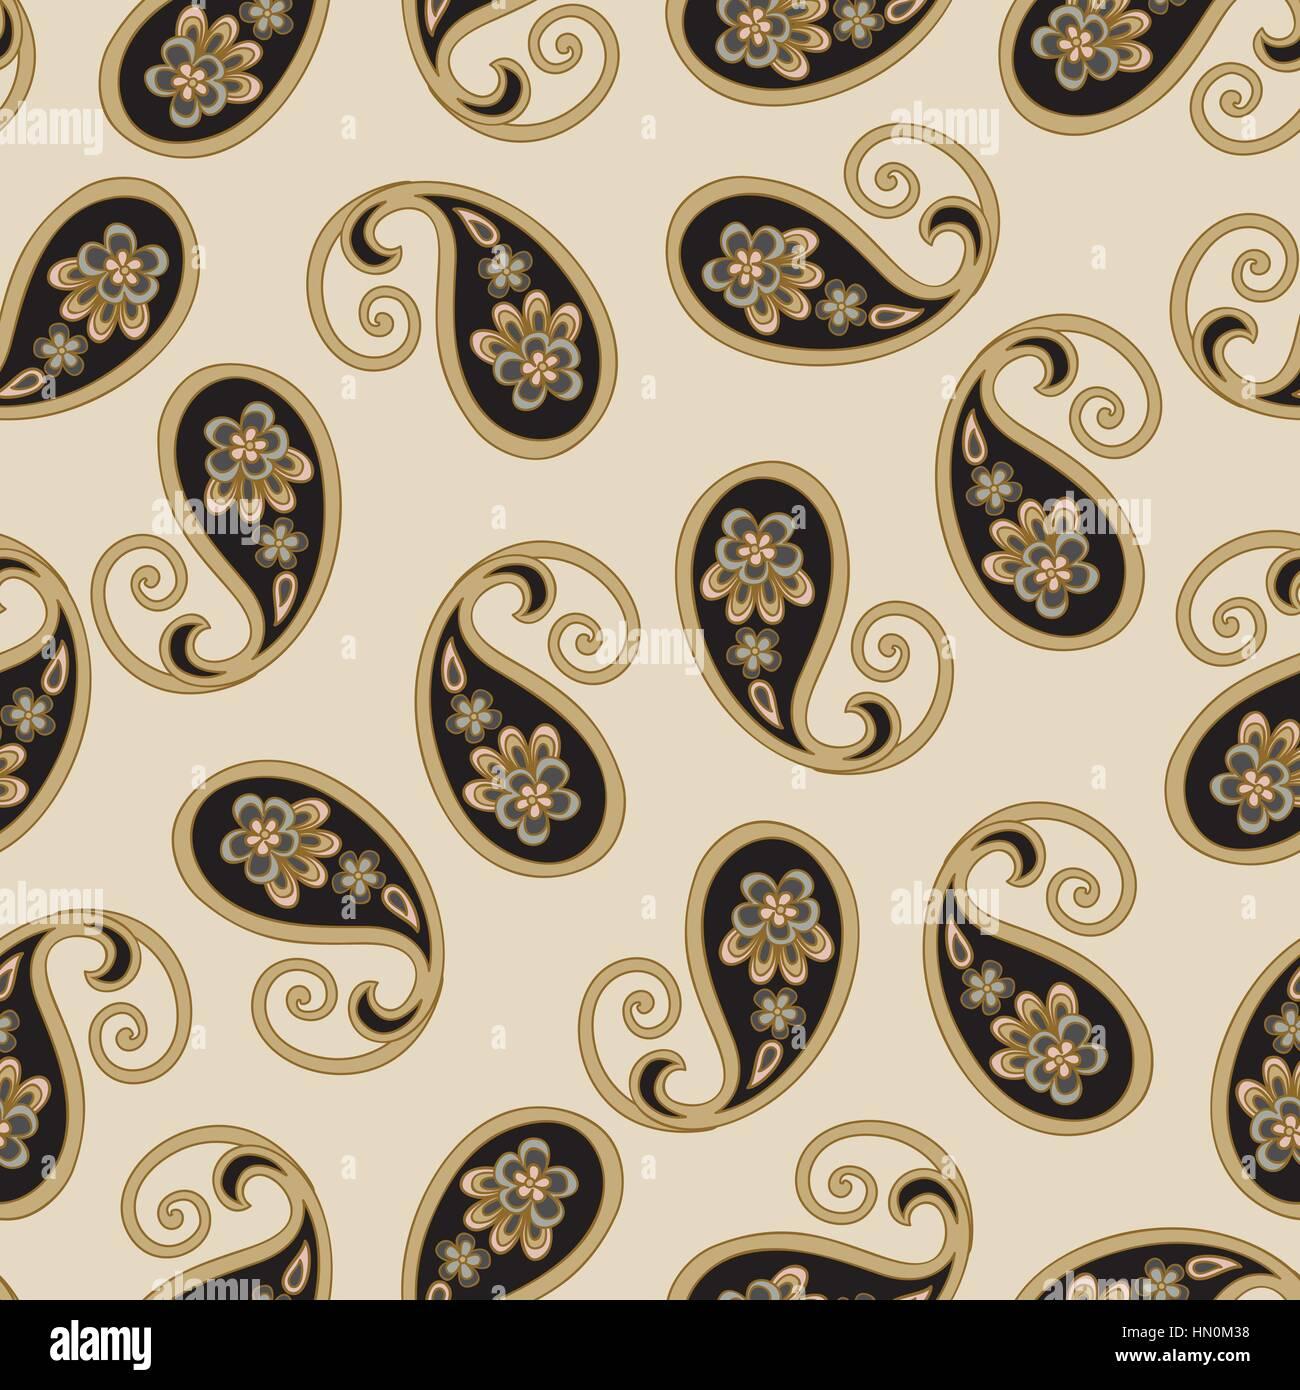 Florale nahtlose Muster. arabisch Blume ornament Hintergrund. ornamentale Textur blühen Stockbild